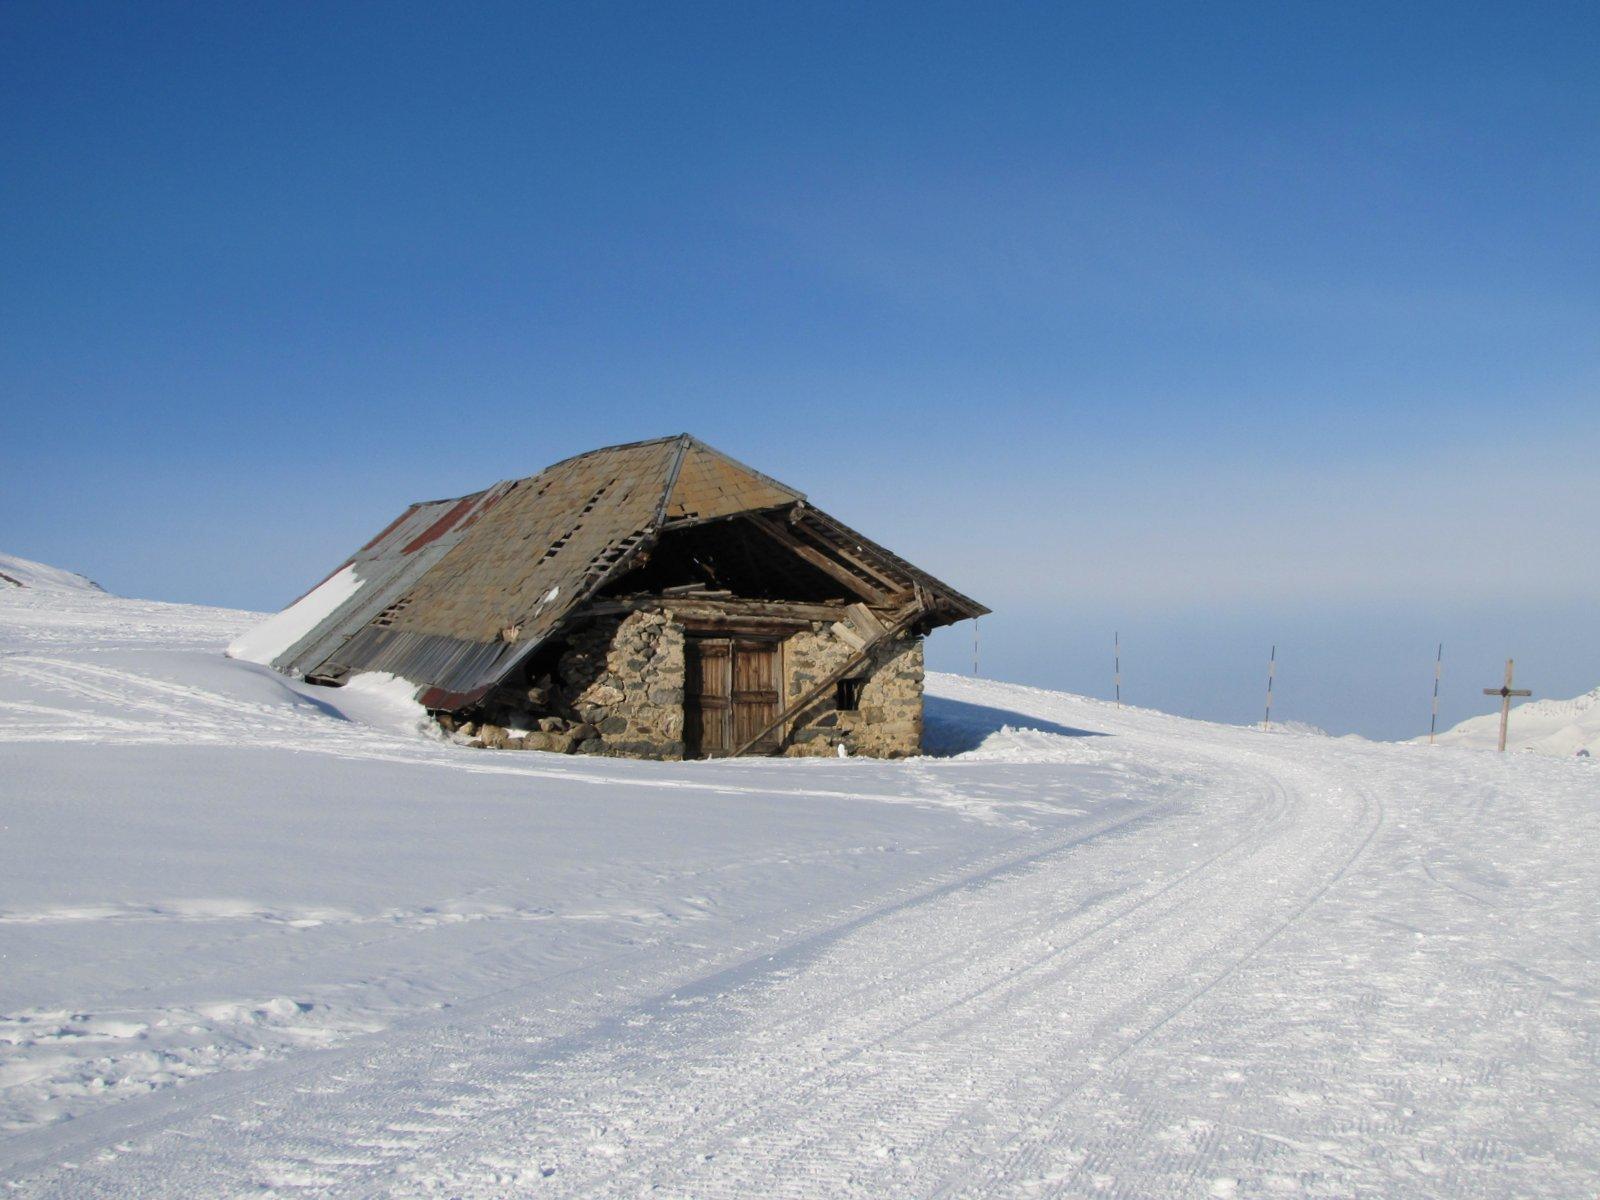 Chalet d'alpage à La Toussuire